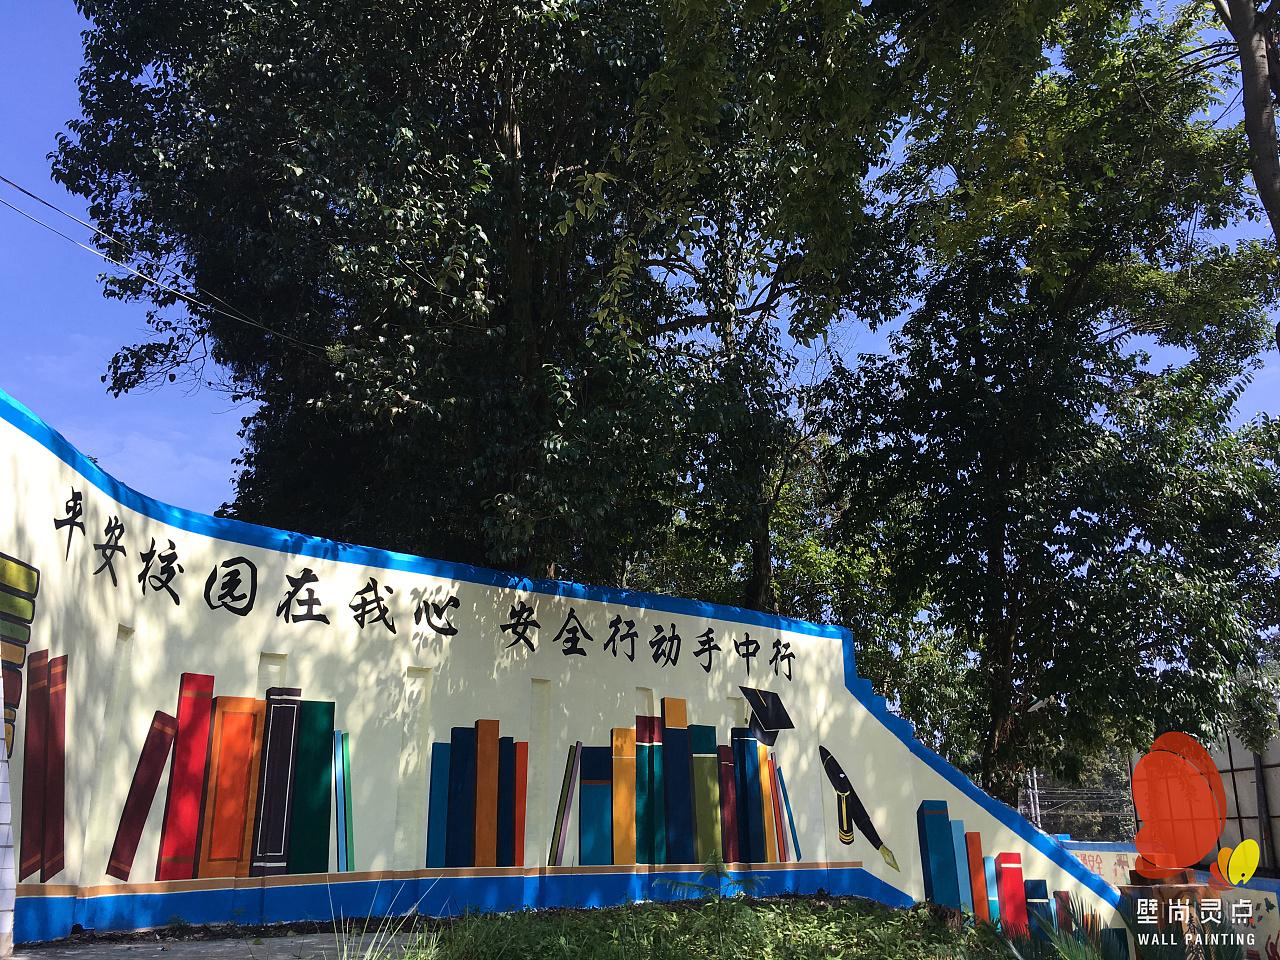 贵州文化墙墙体彩绘_校园文化墙体彩绘|其他|墙绘/立体画|壁尚手绘贵州墙绘 - 原创 ...